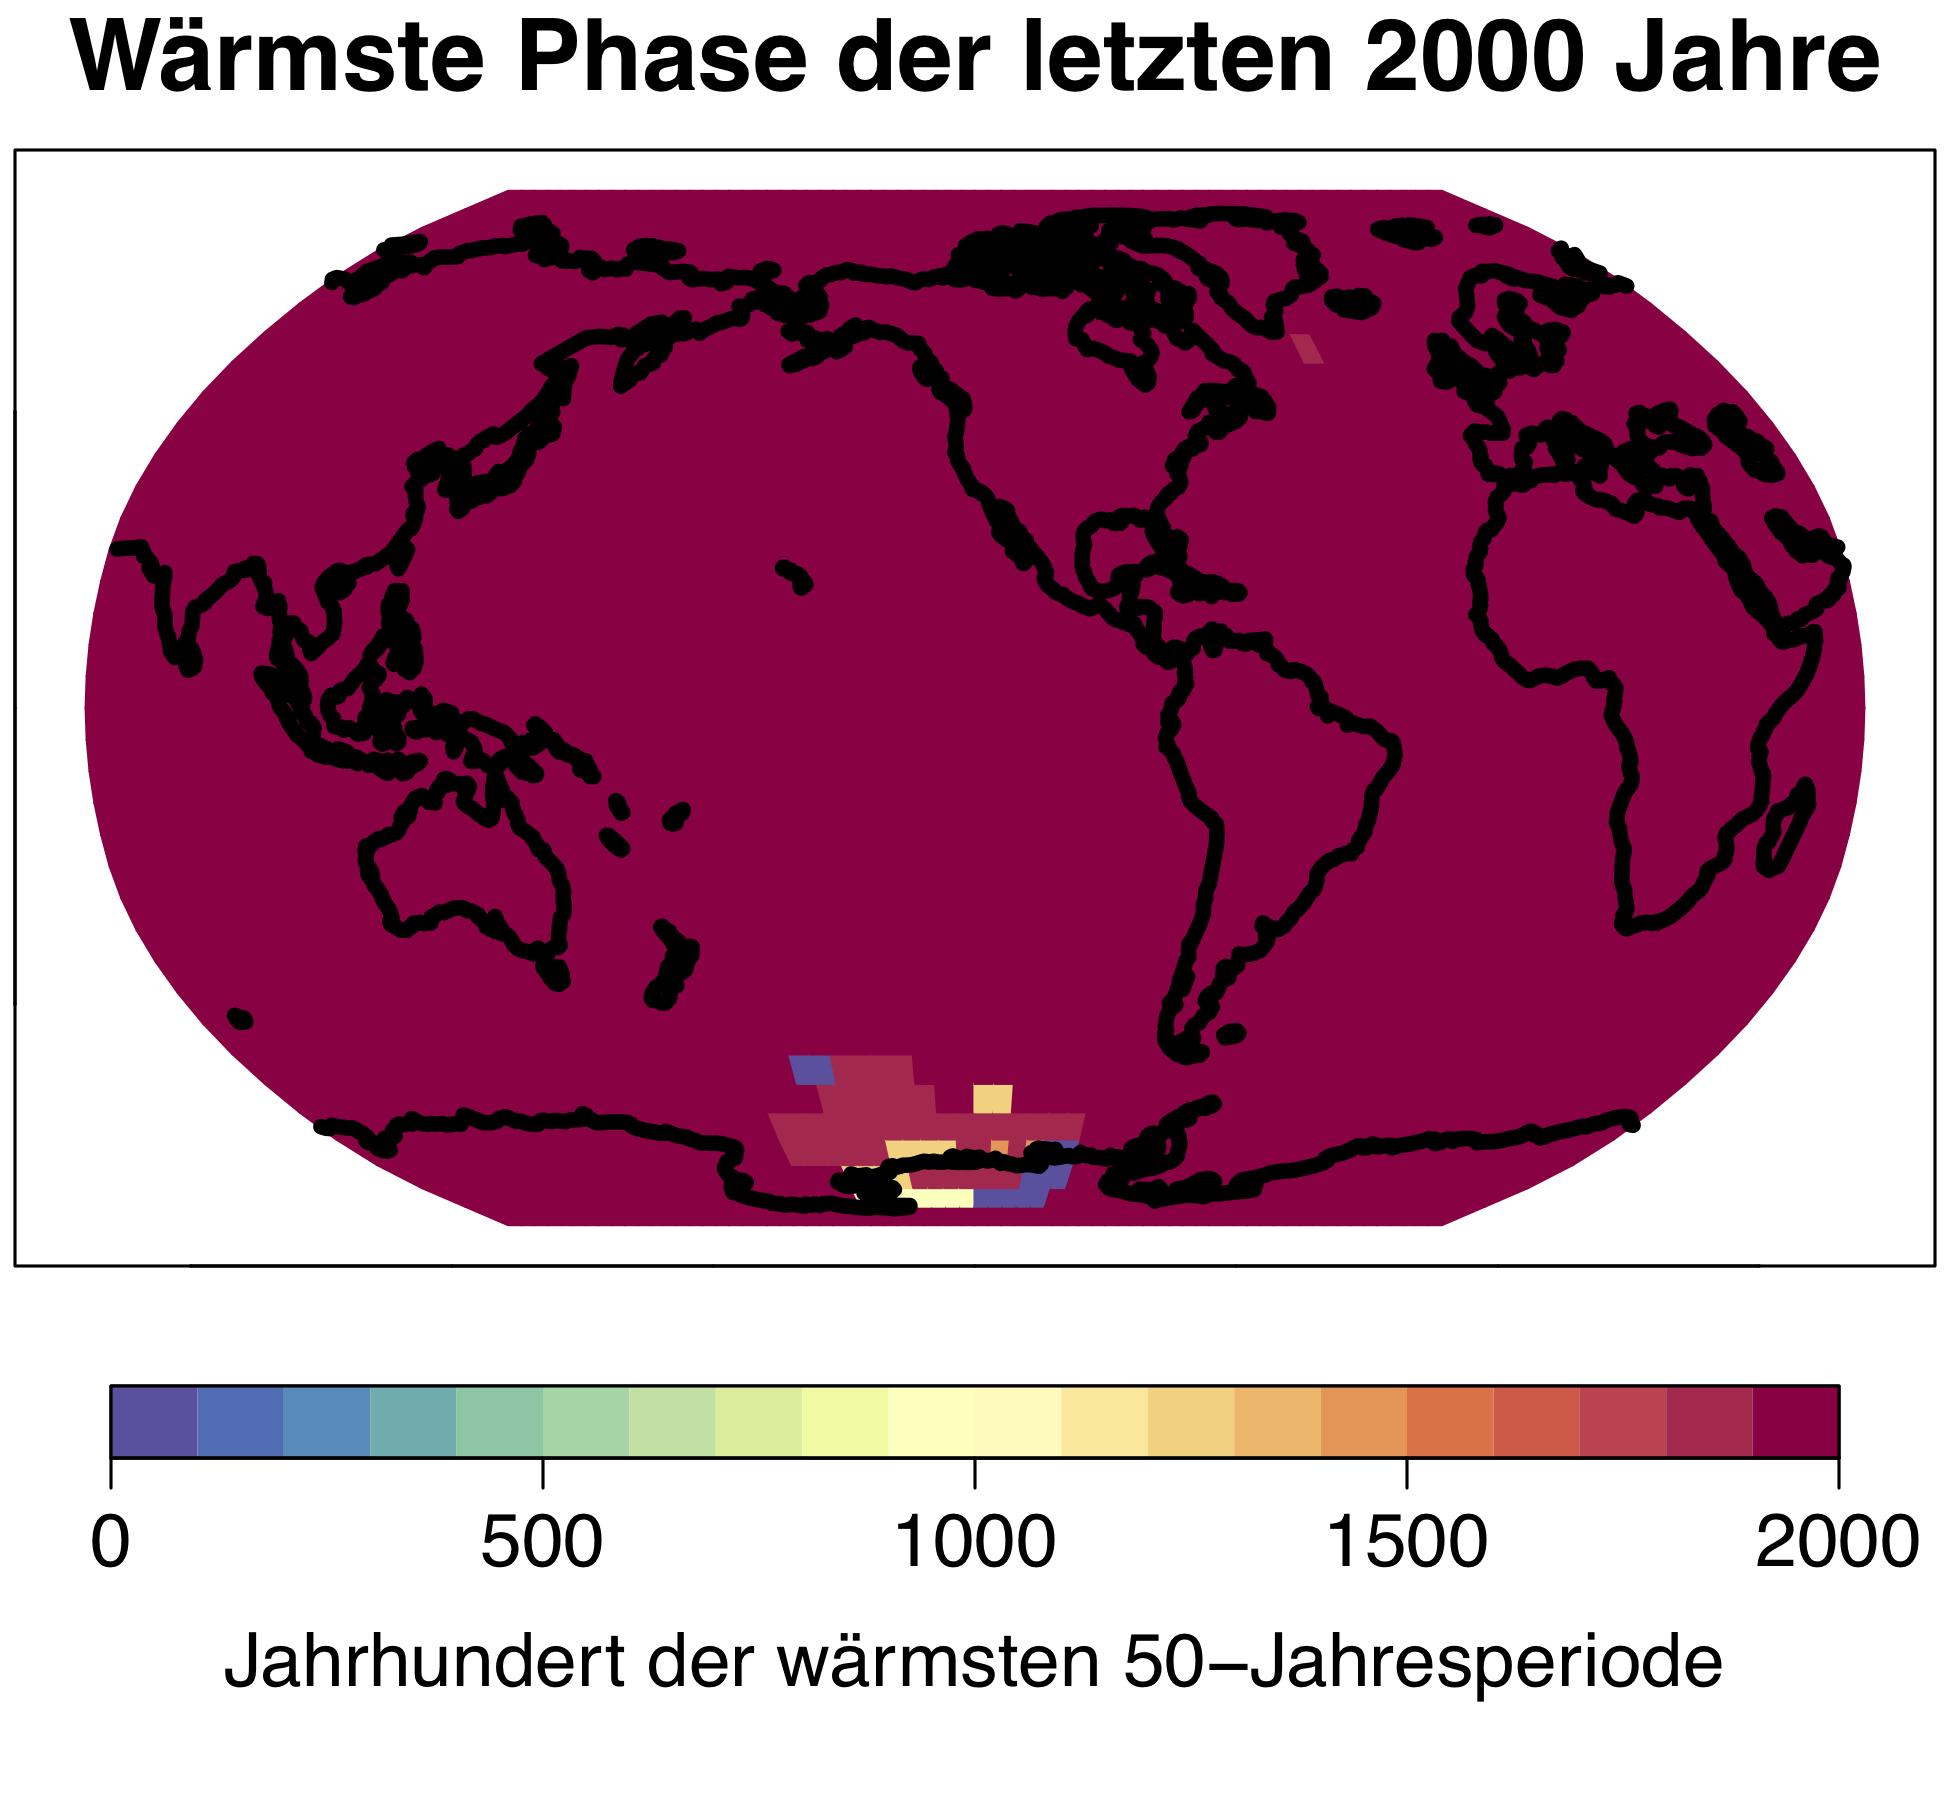 Die gegenwärtige Klimaerwärmung ist ein globales Phänomen, die wärmste 50-Jahresperiode der vergangenen 2000 Jahre trat auf über 98 Prozent der Erdoberfläche im 20. Jahrhundert auf. © Universität Bern